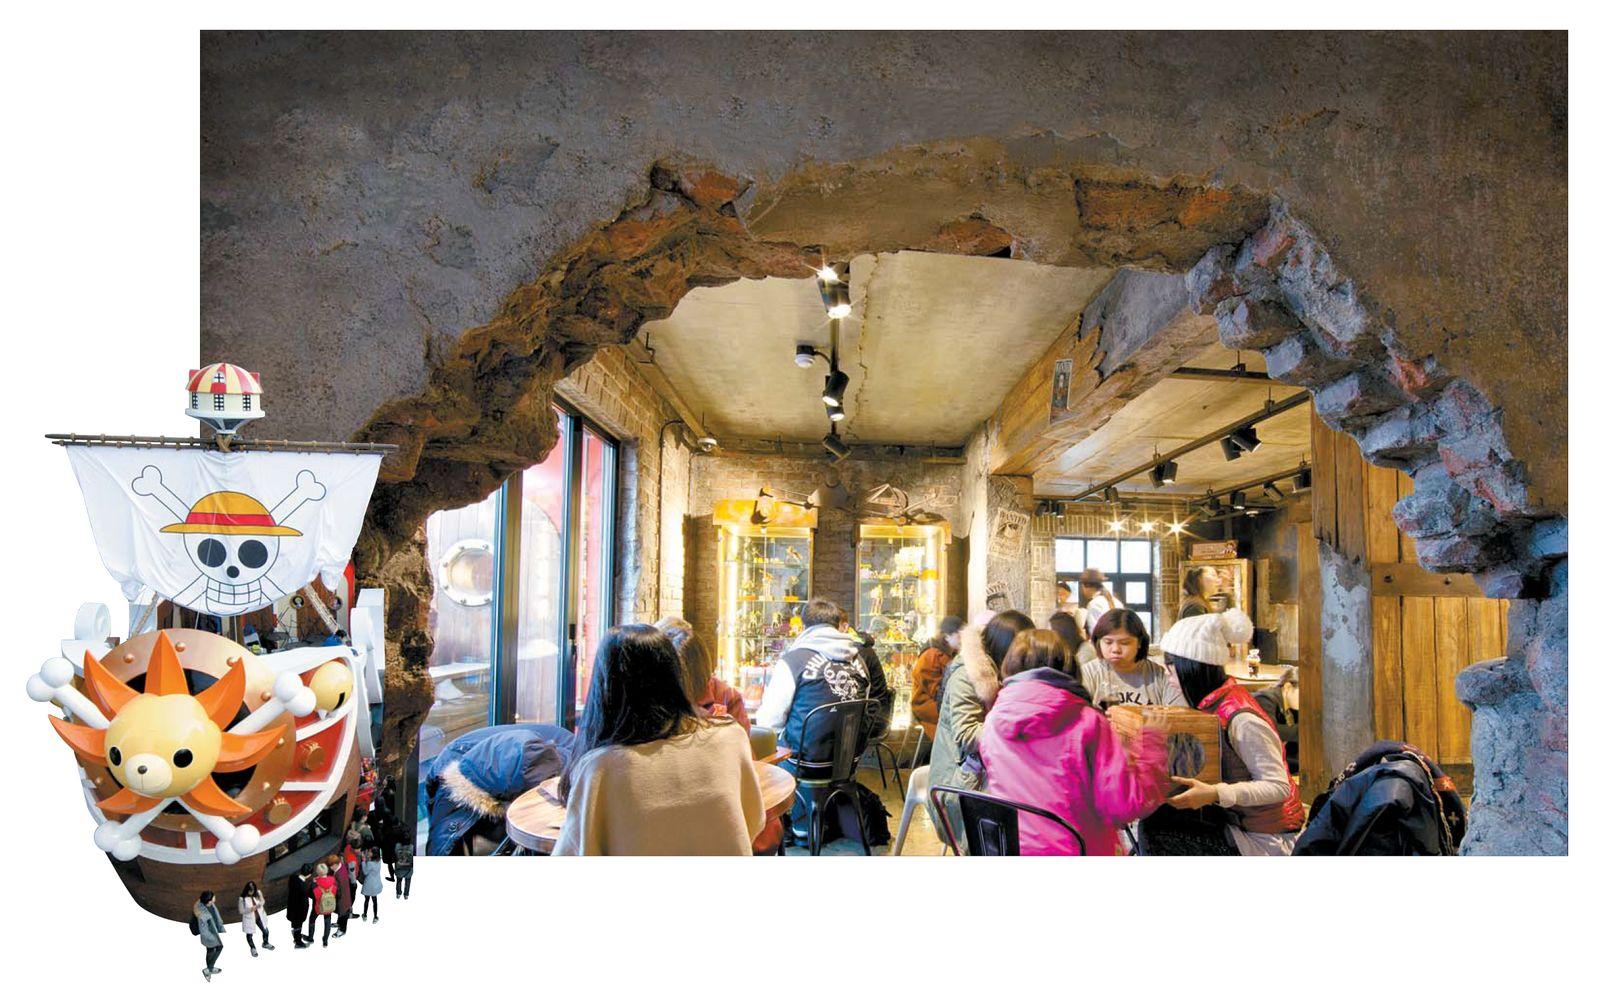 일본의 인기 만화시리즈 '원피스'를 테마로 한 캐릭터 카페 '카페 드 원피스'. 동굴 안에 들어선 듯 꾸며진 내부는 만화 포스터와 피규어로 장식돼 있다.